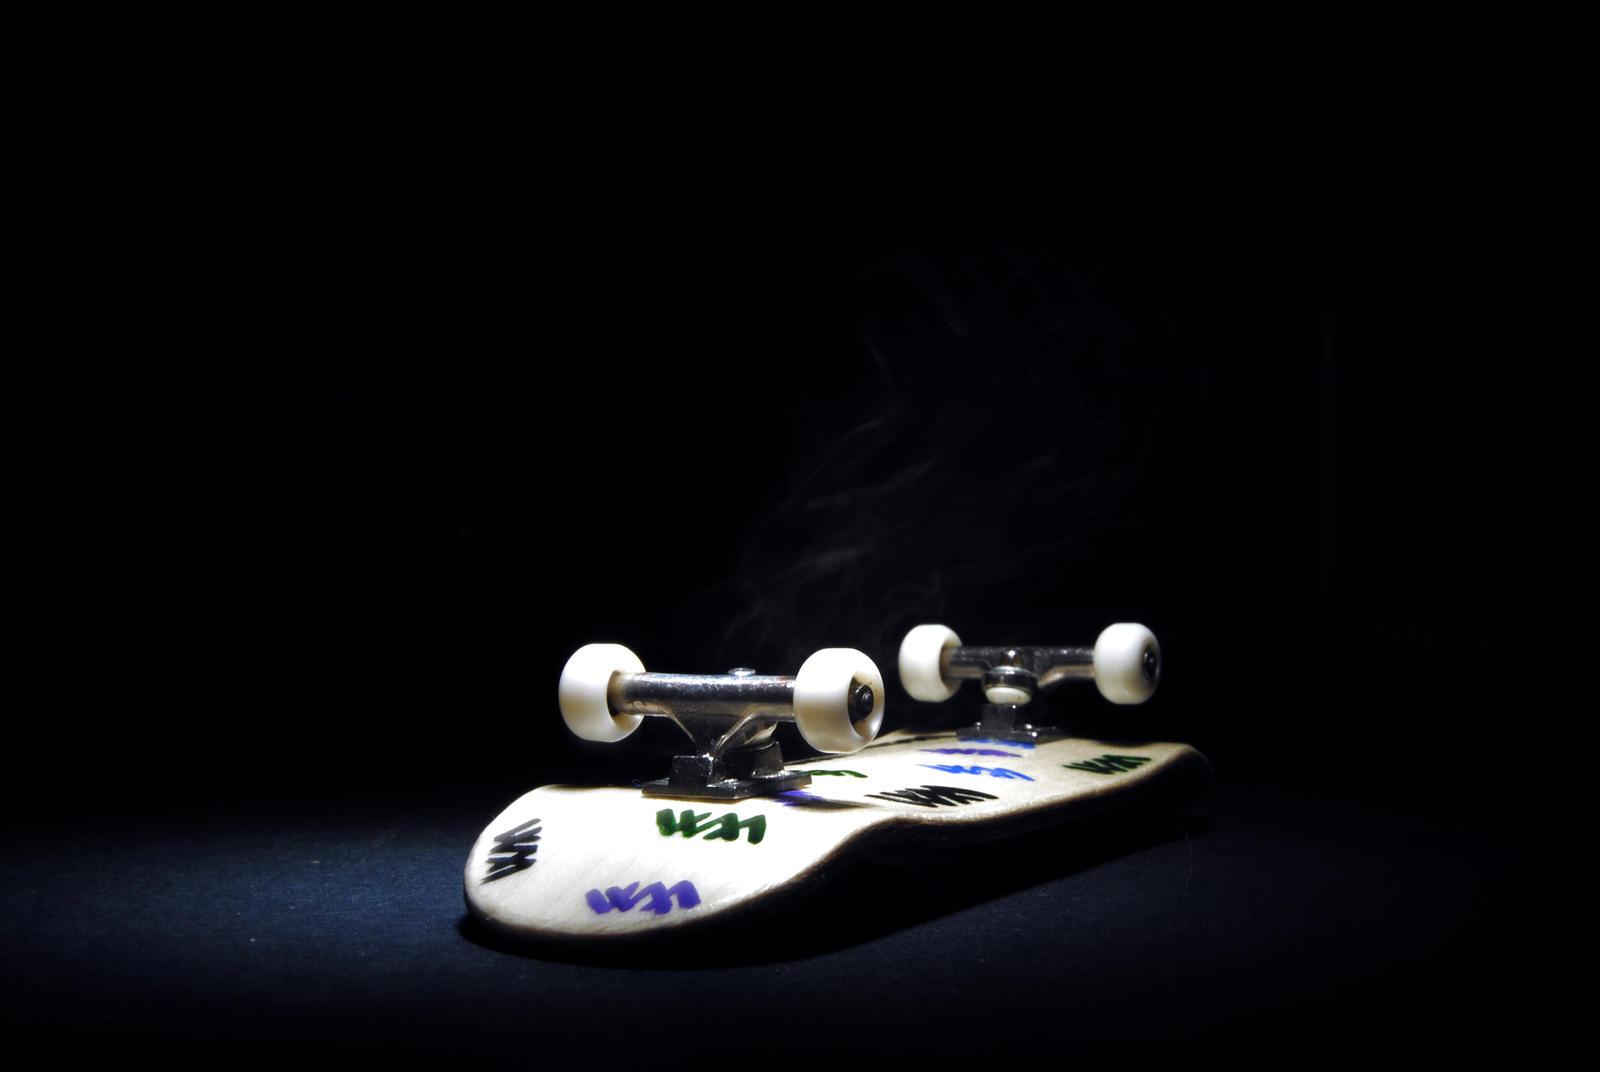 Fingerboard by emilyka on deviantart fingerboard by emilyka fingerboard by emilyka voltagebd Choice Image